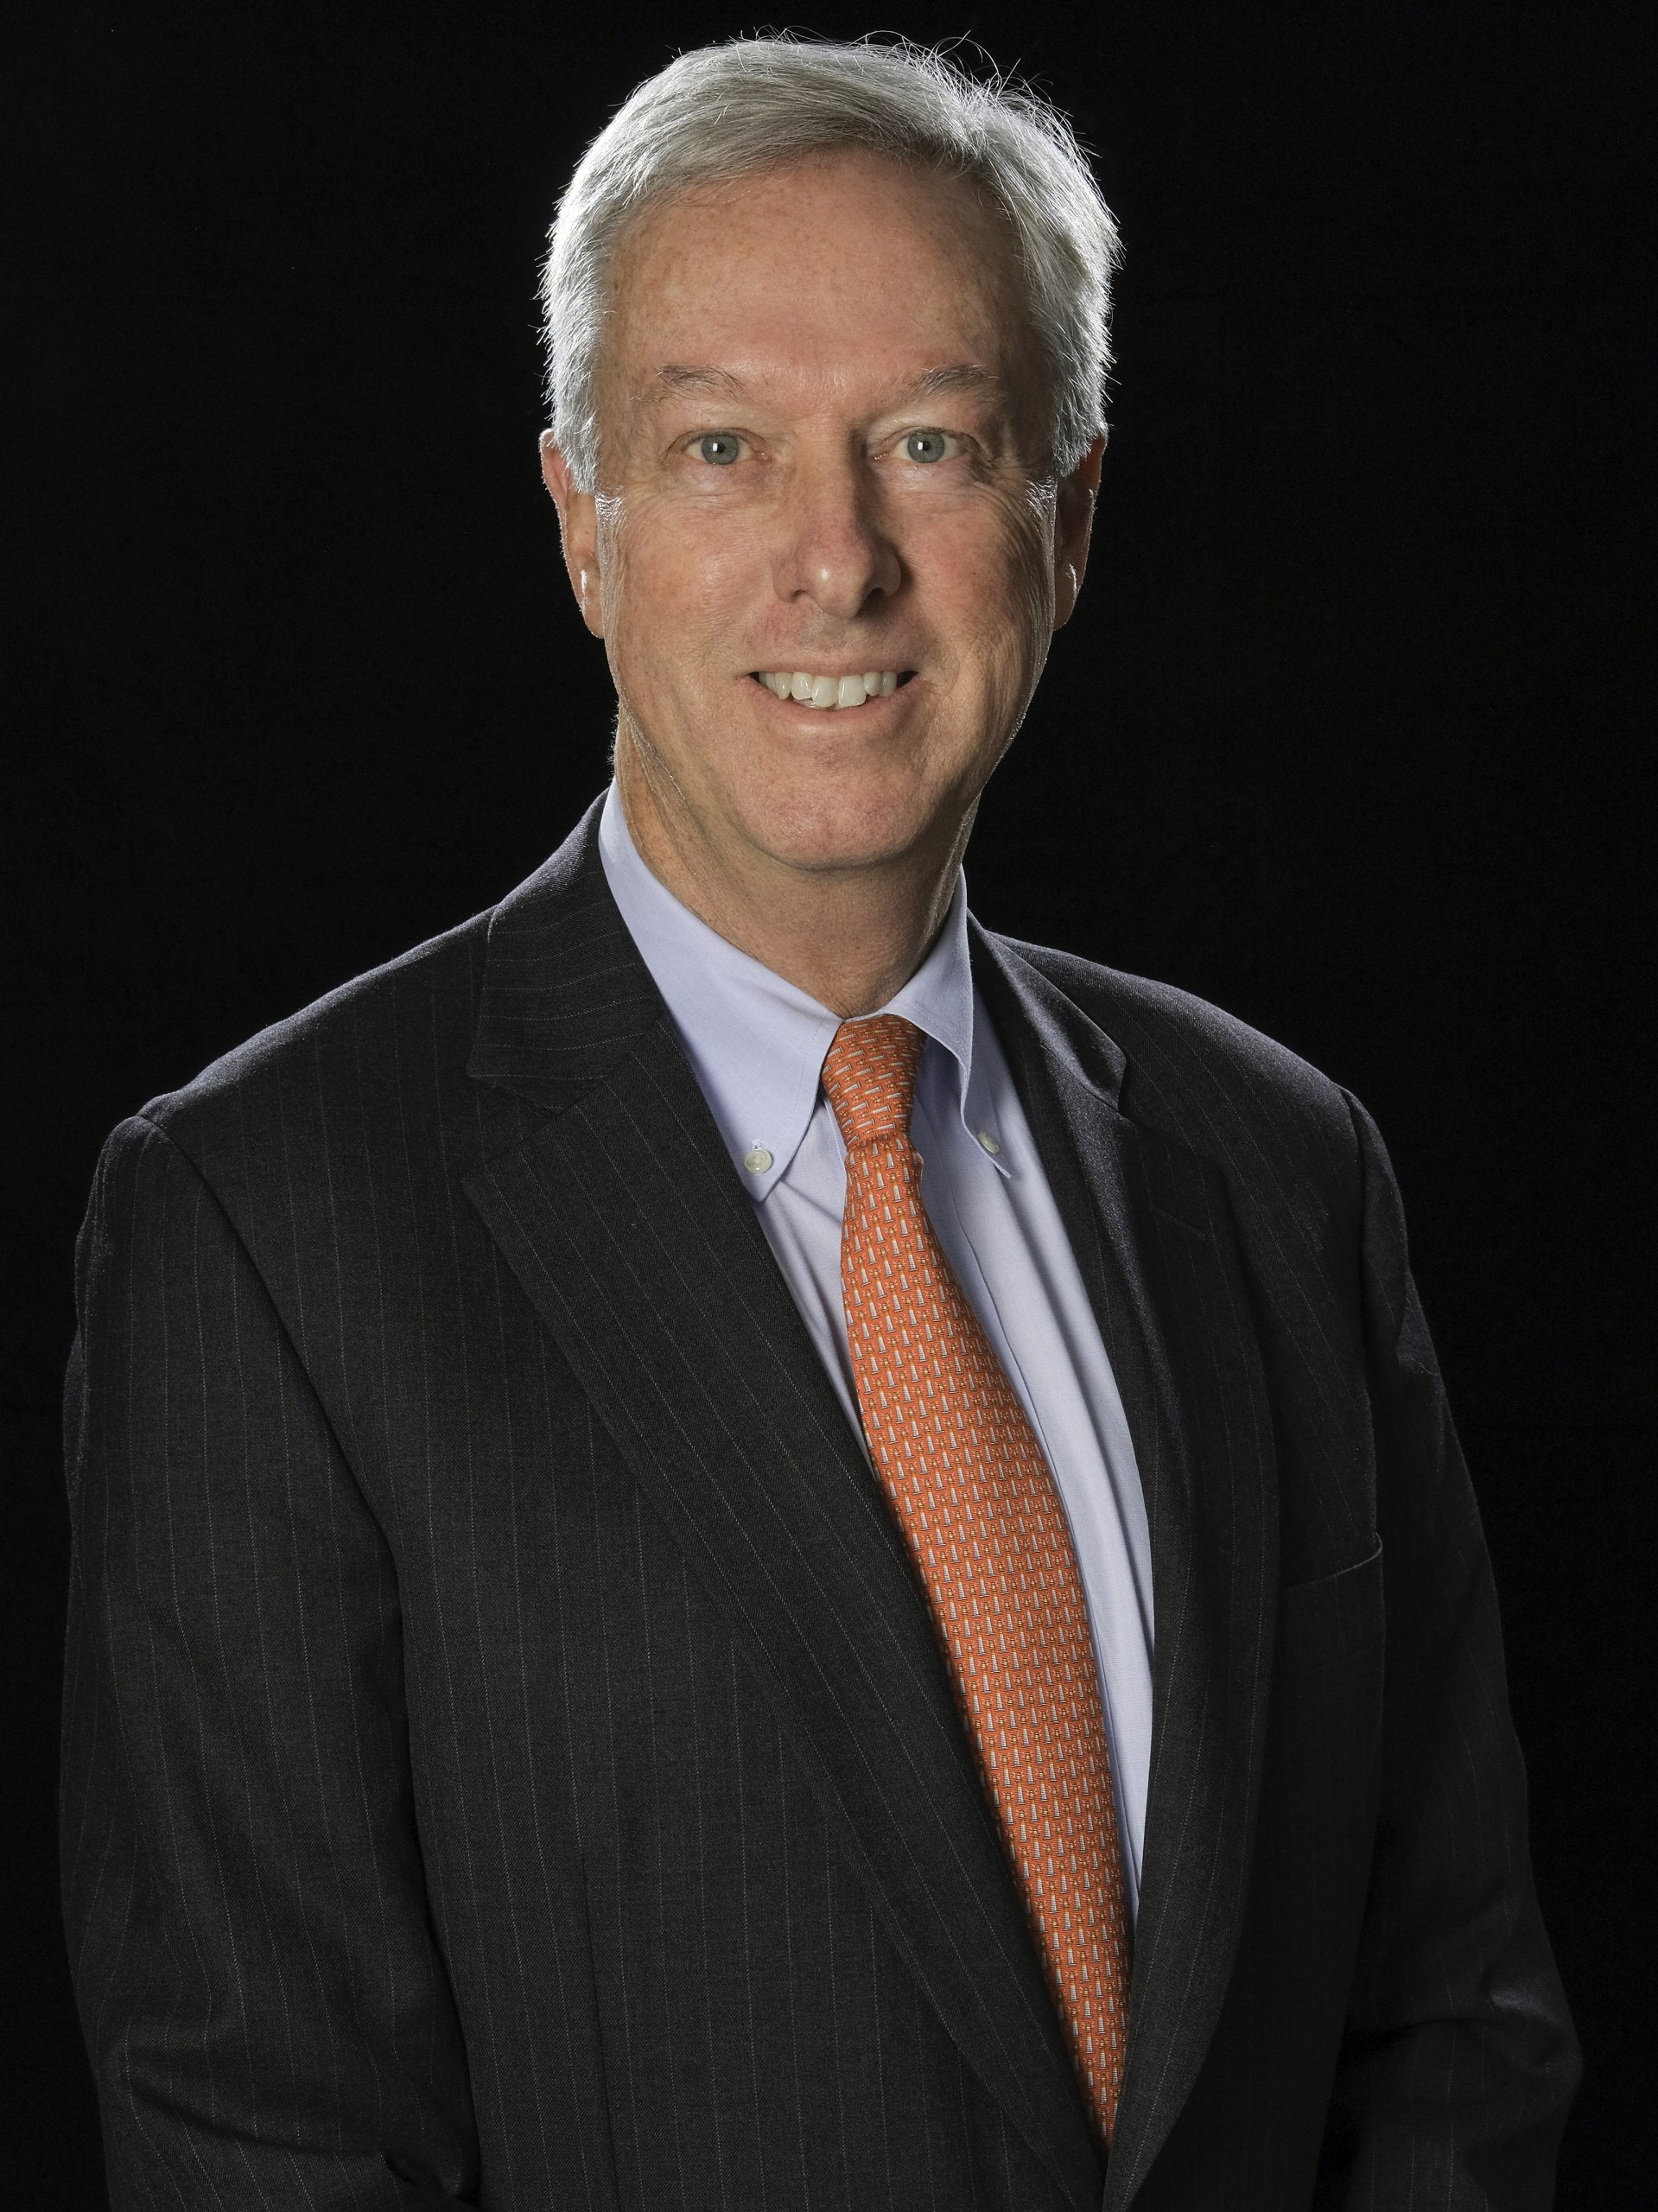 Harry O'Mealia